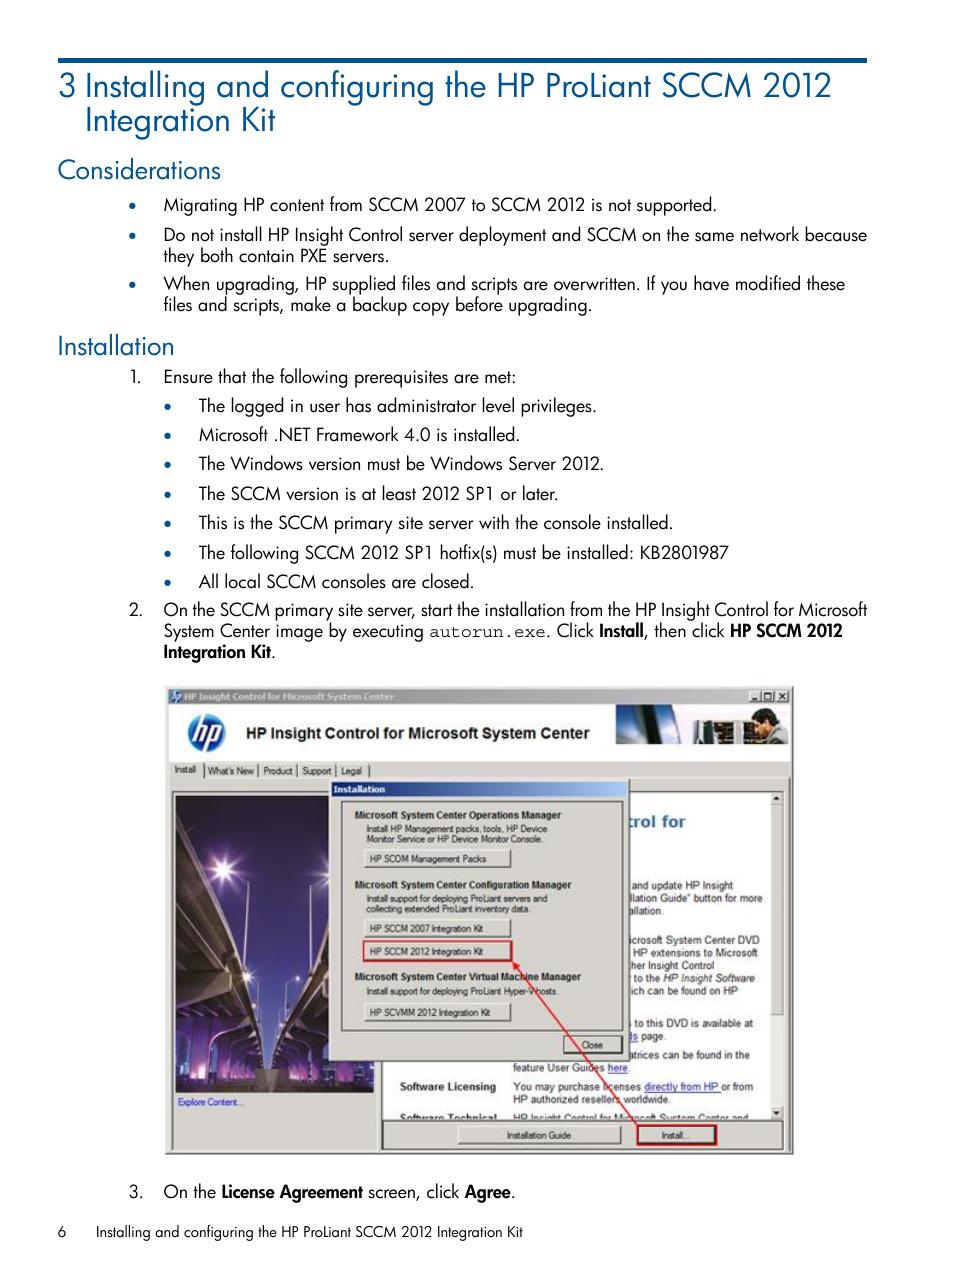 Considerations, Installation, Considerations installation | HP